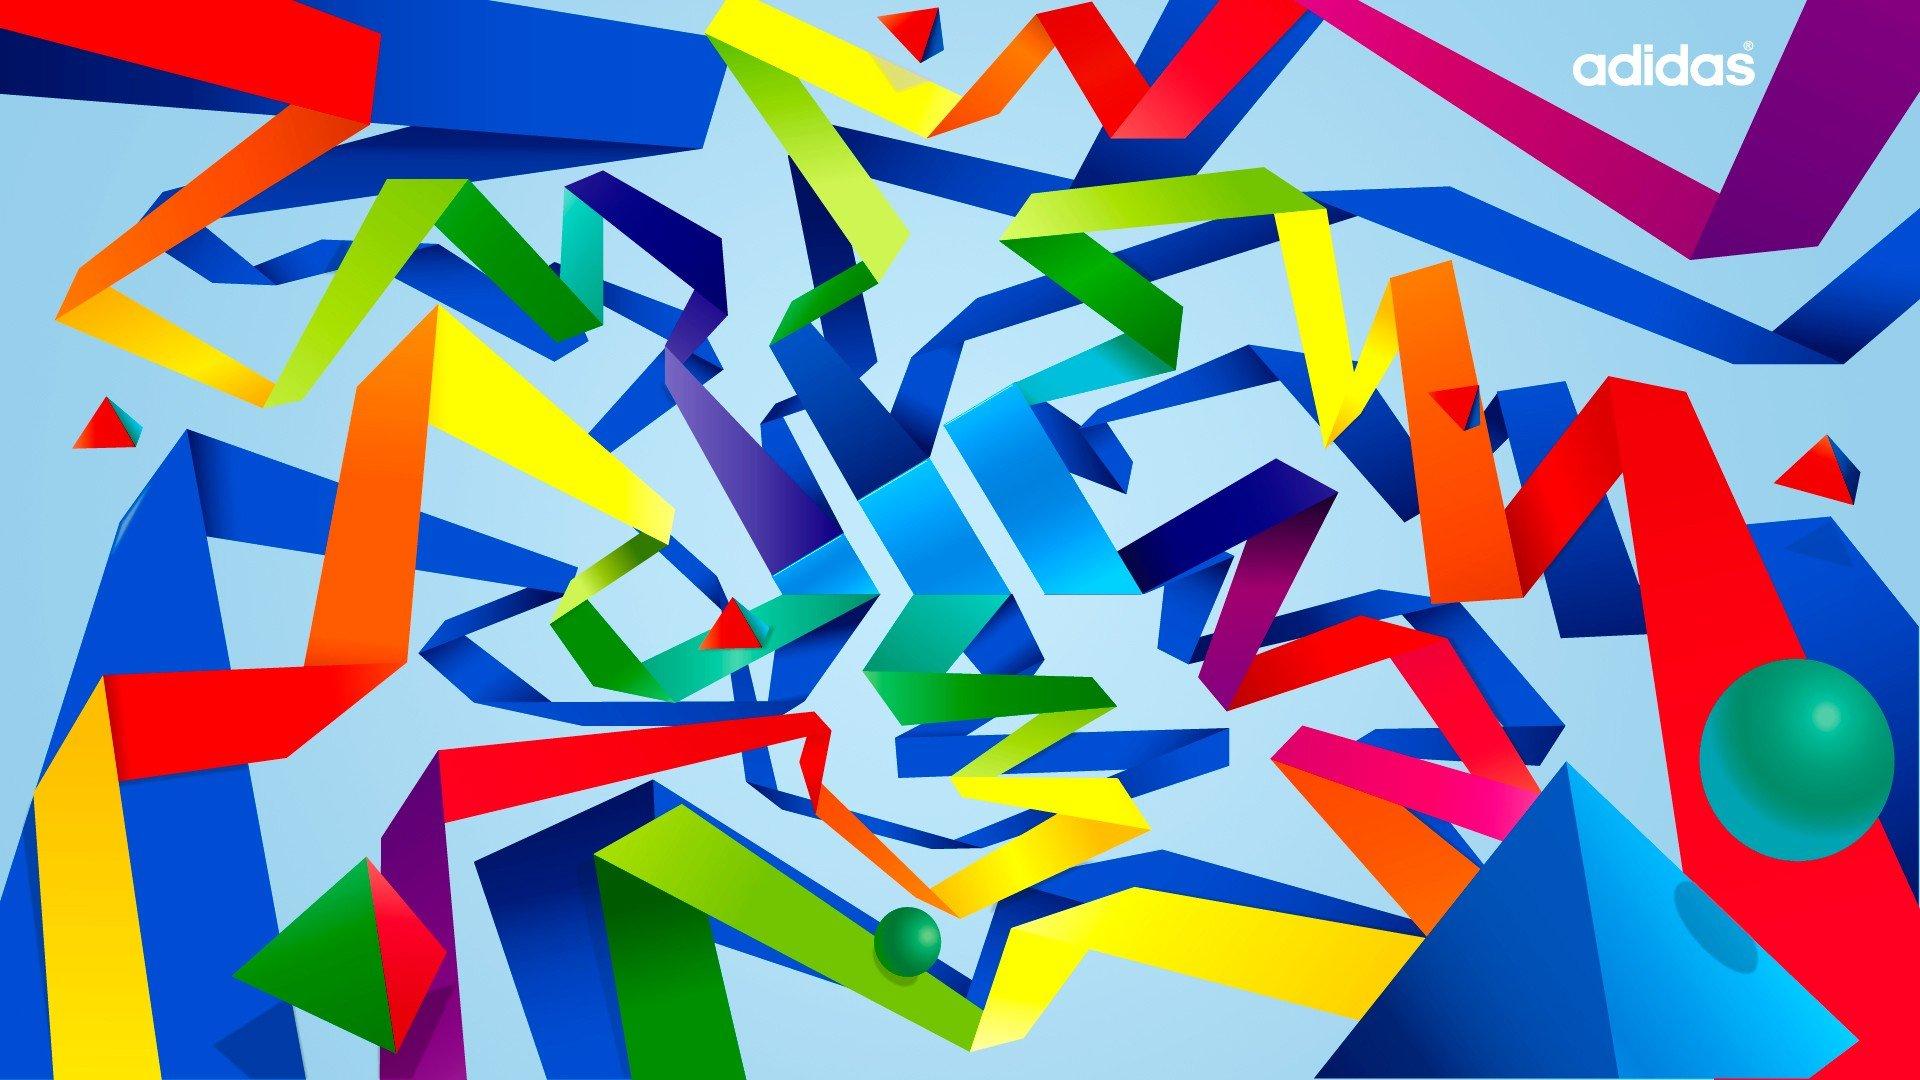 700+ Wallpaper Abstrak Adidas HD Paling Baru